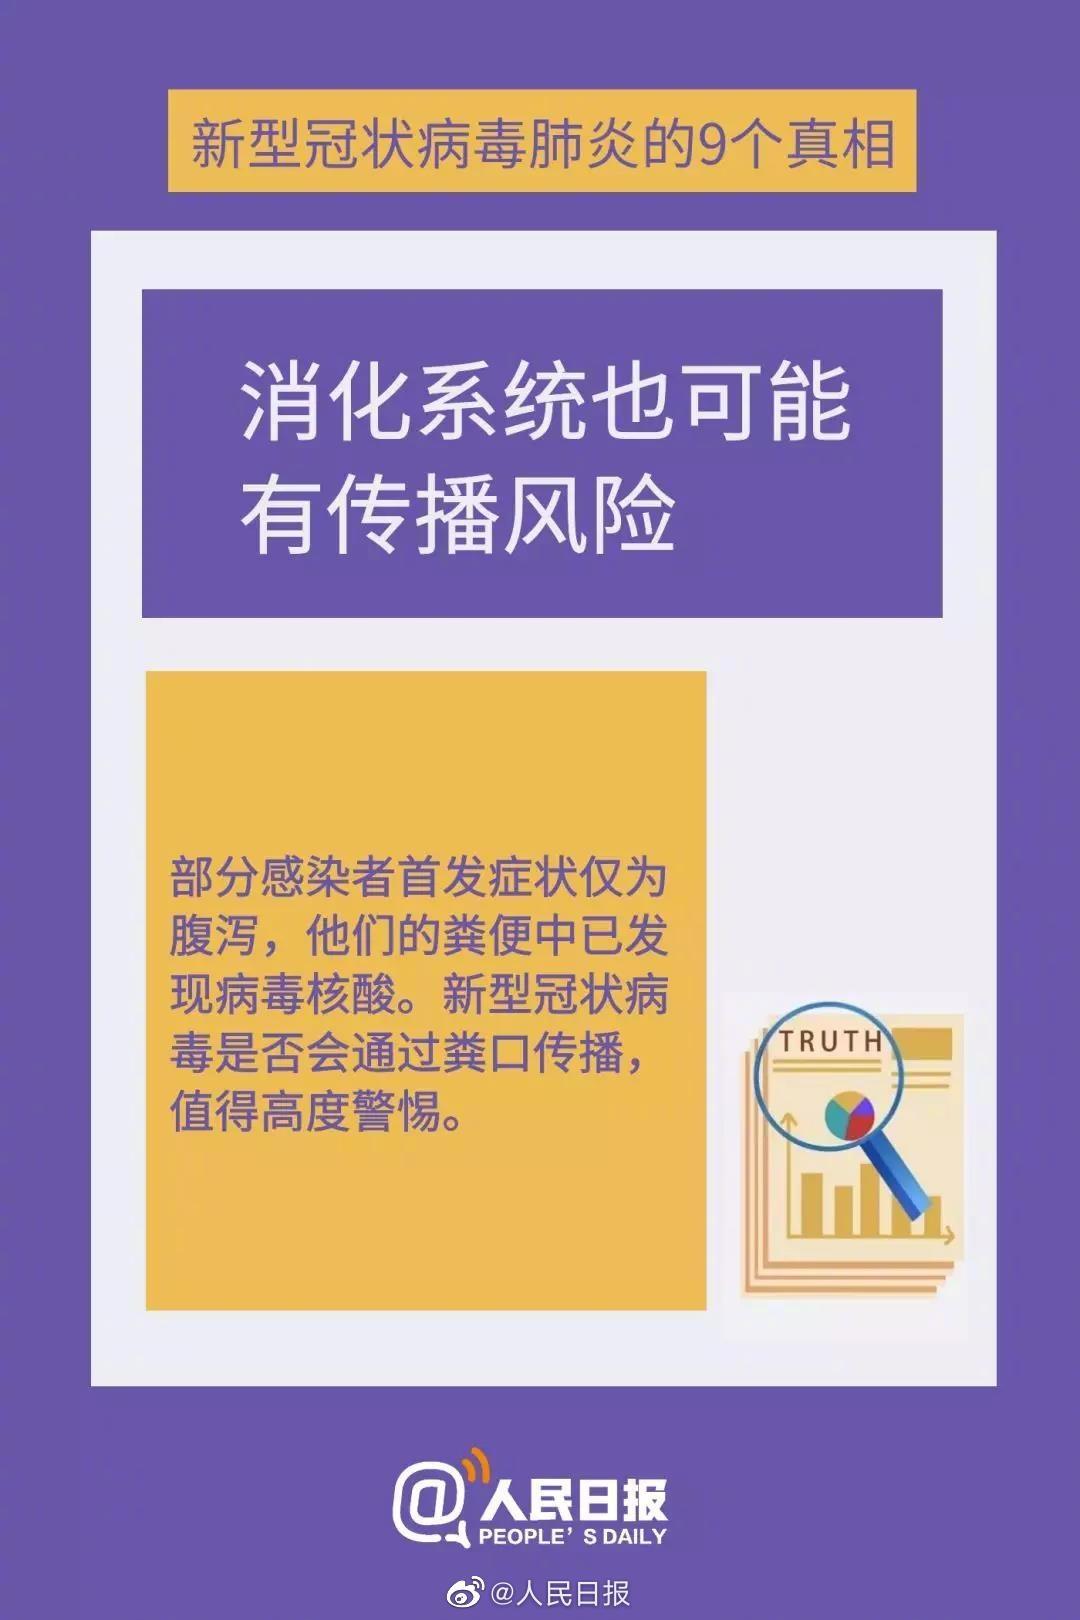 新建文件夹 (2)img-8664fdaf1c4b054d52cc737b1bdbe023.jpg